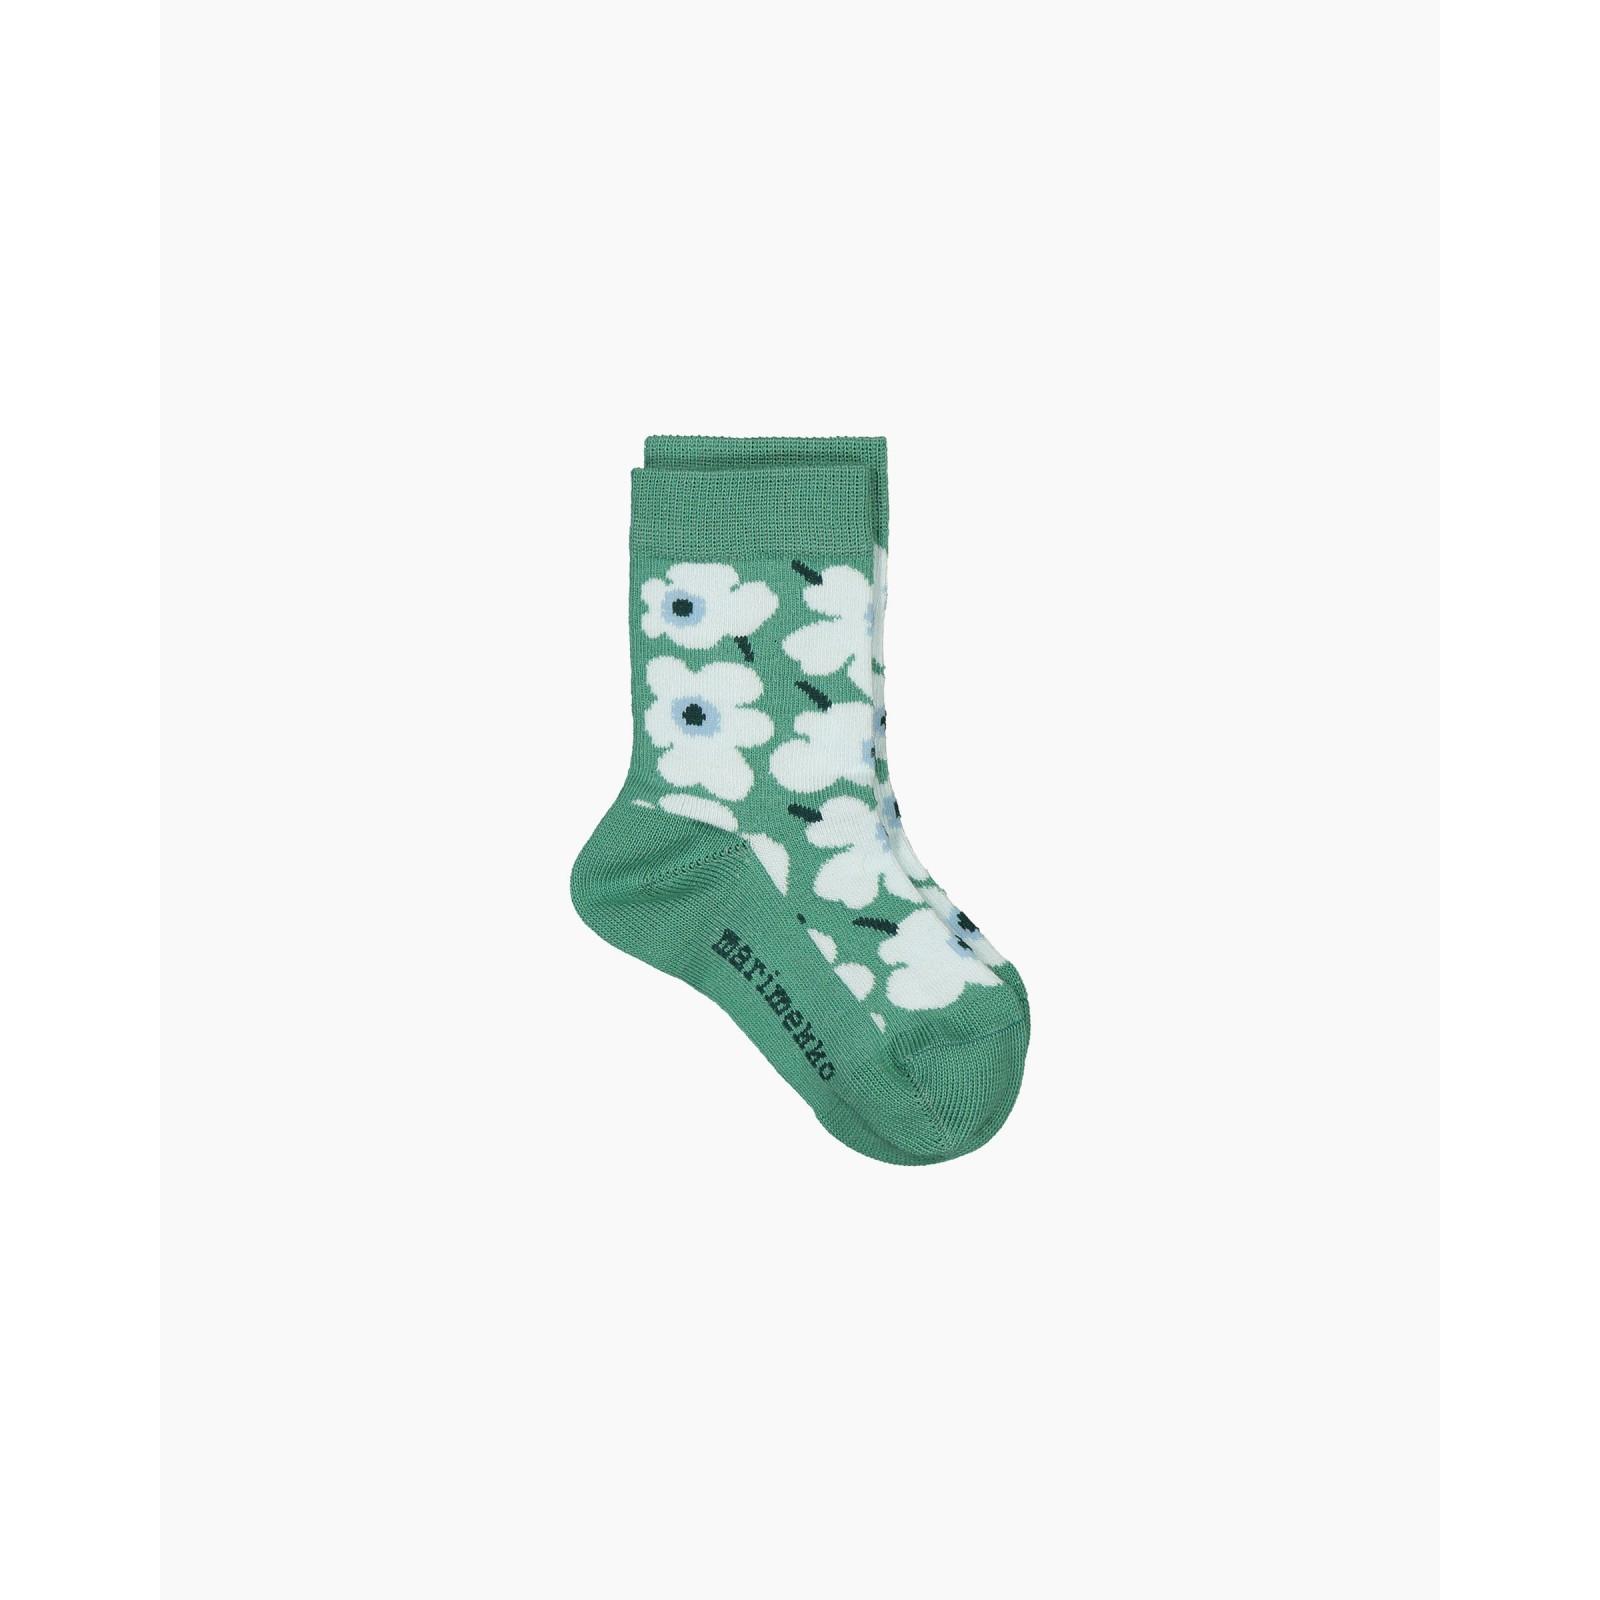 Marimekko Umika Socks Unikko Green 19-21